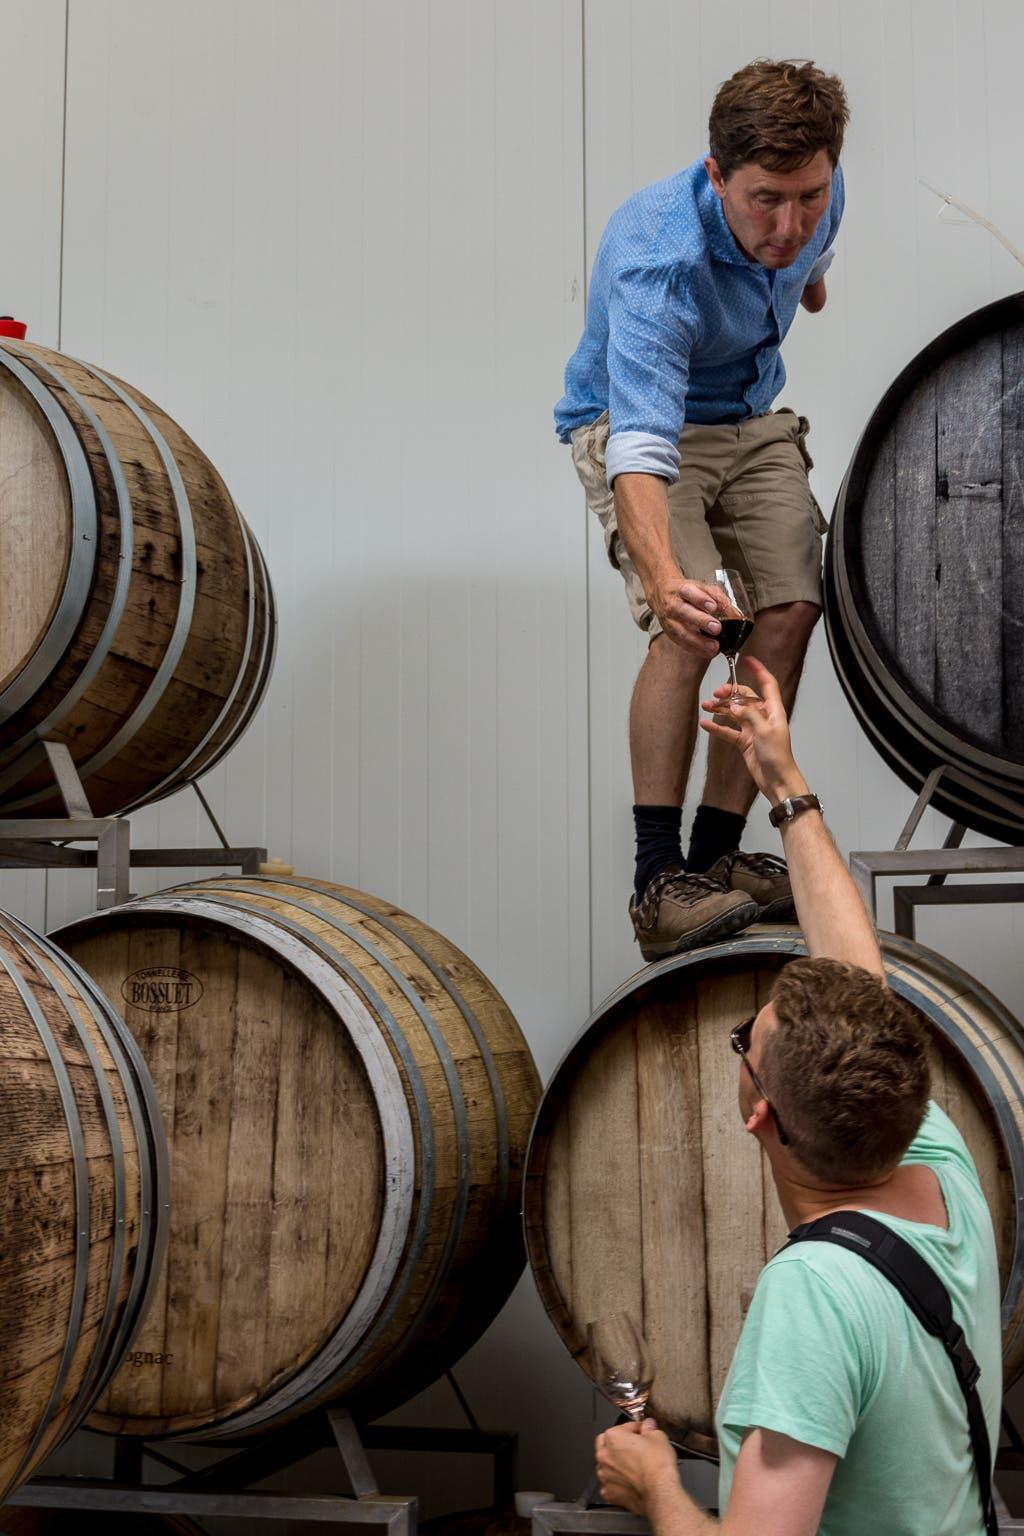 Mann reicht anderem Mann von Weinfässern gefülltes Rotweinglas